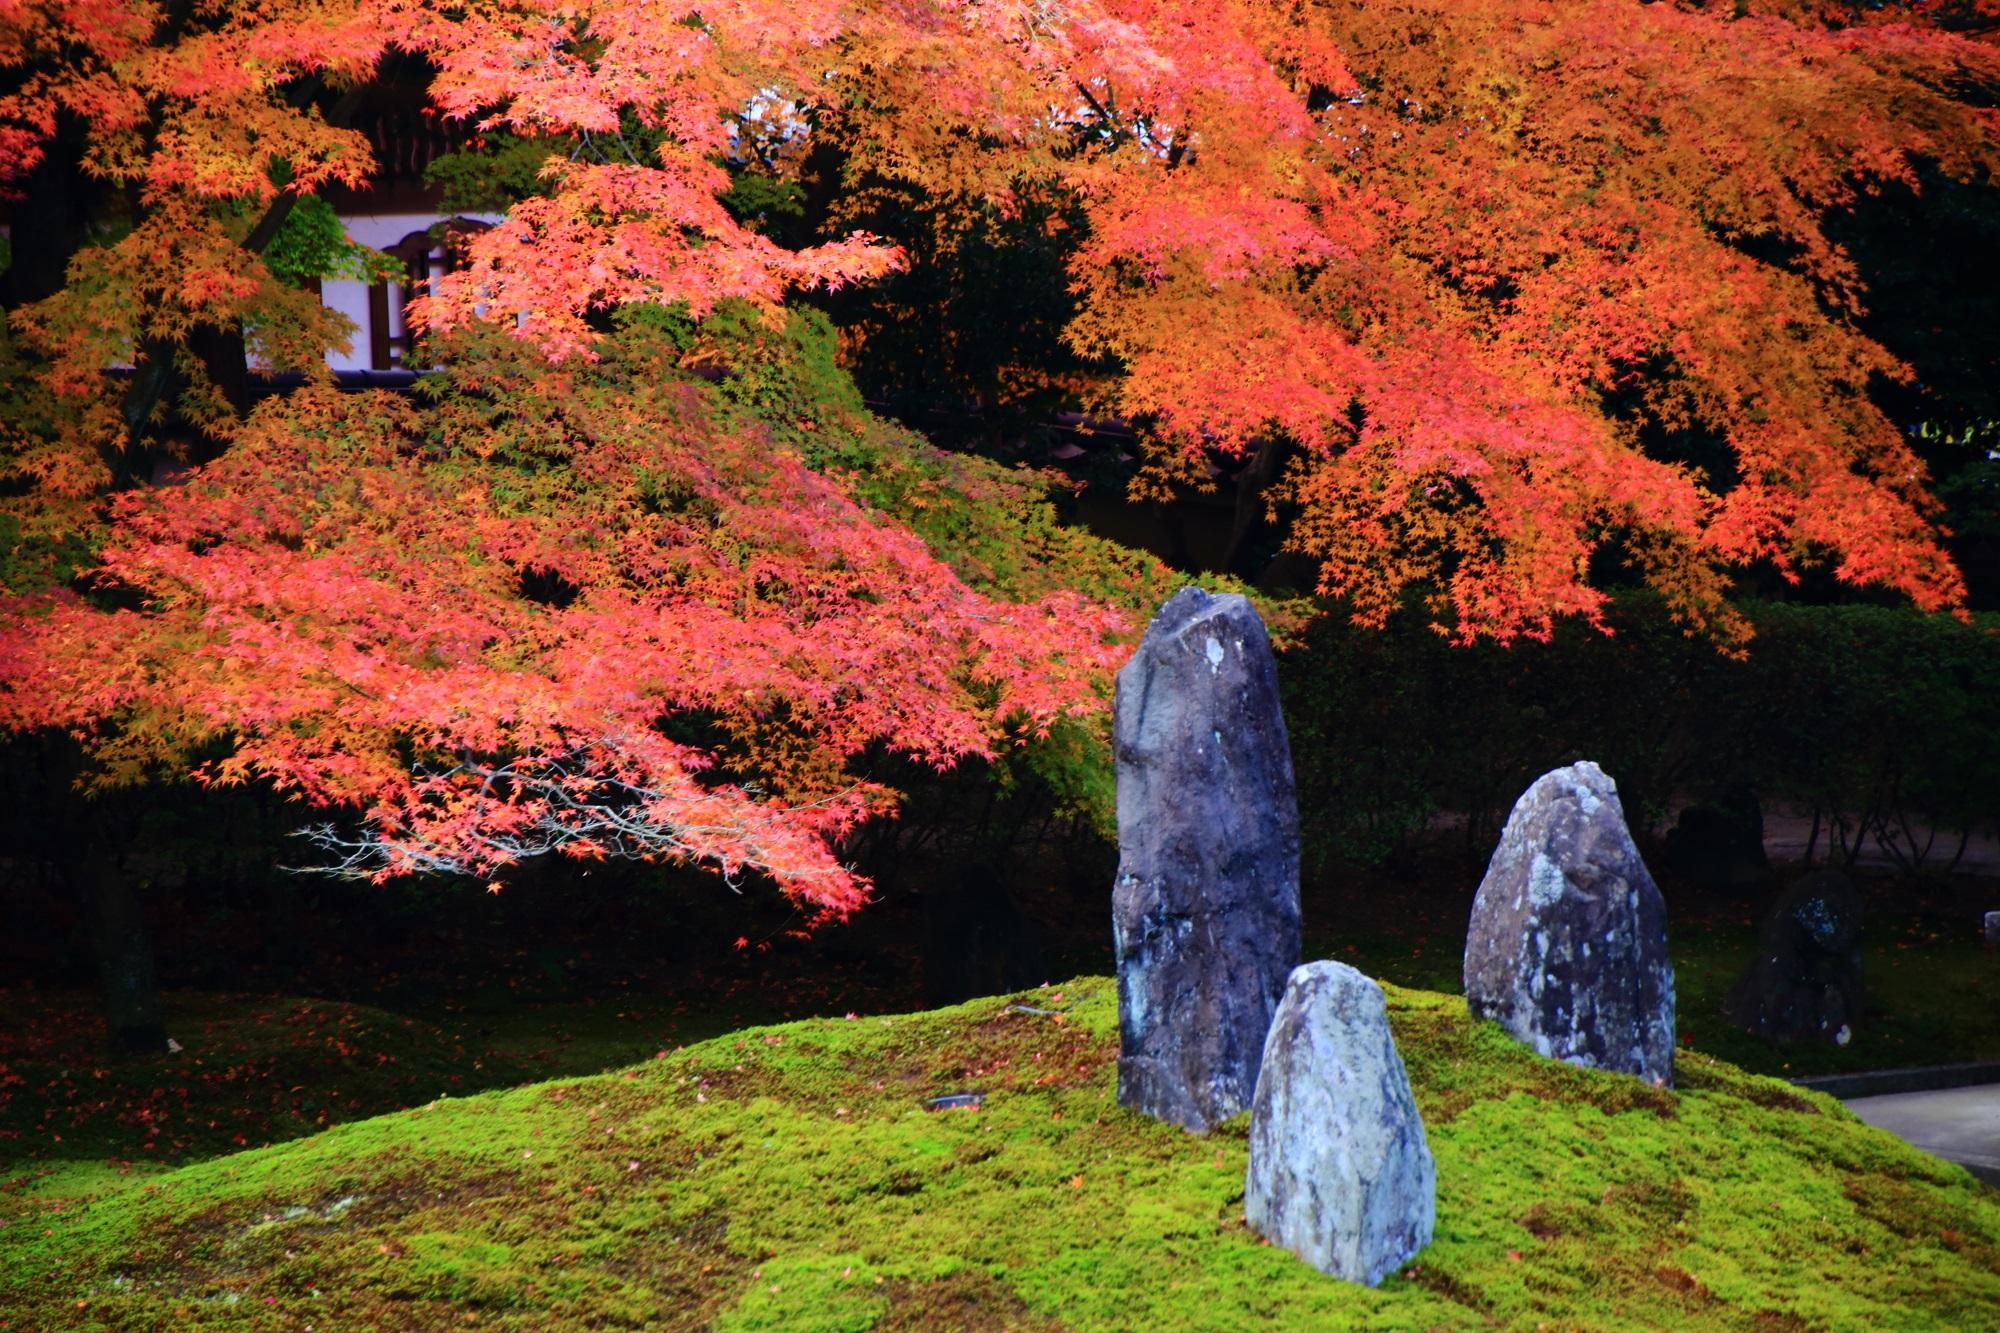 苔の築山と岩を彩る鮮やかな紅葉